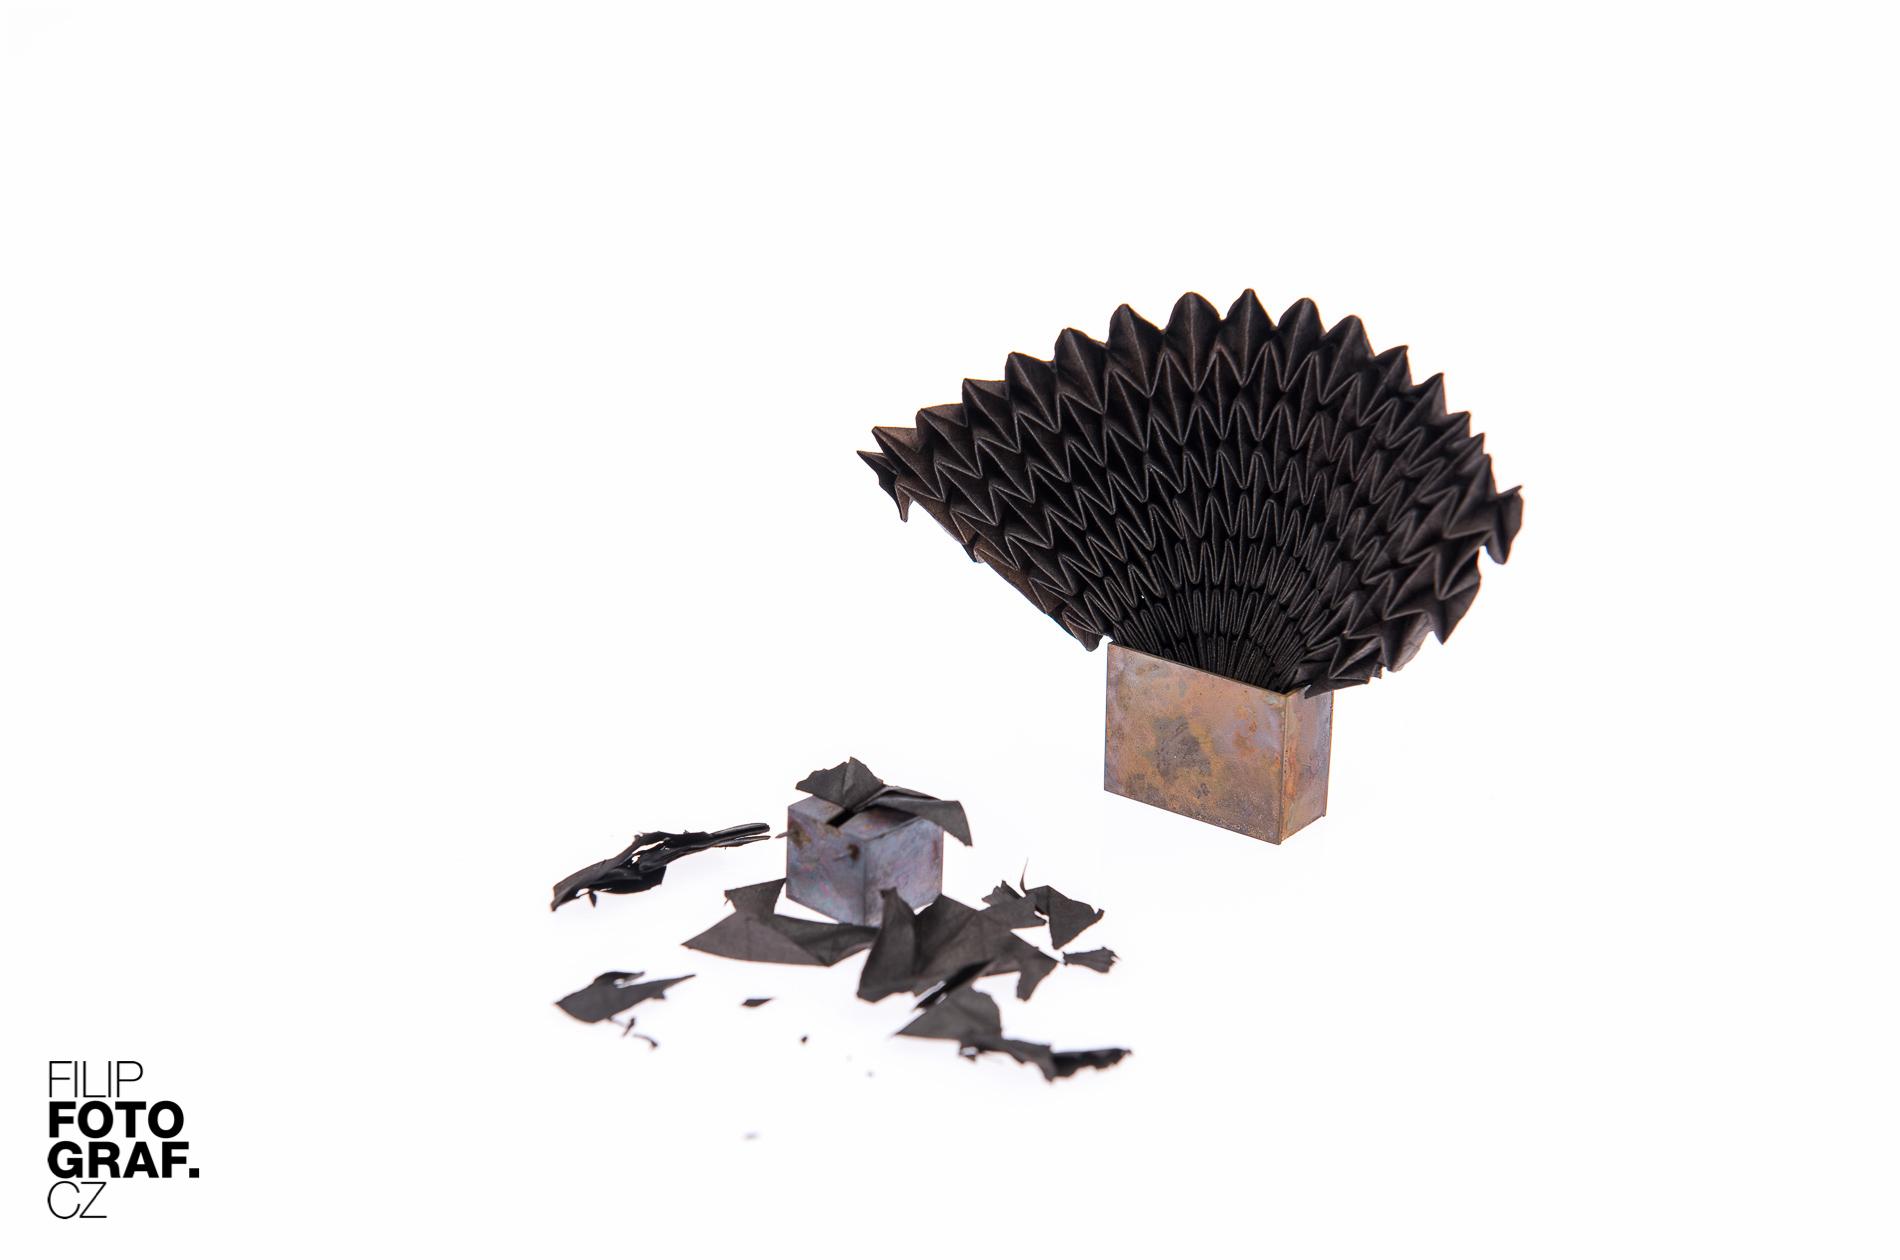 Origami, autorka Lenka Červinková